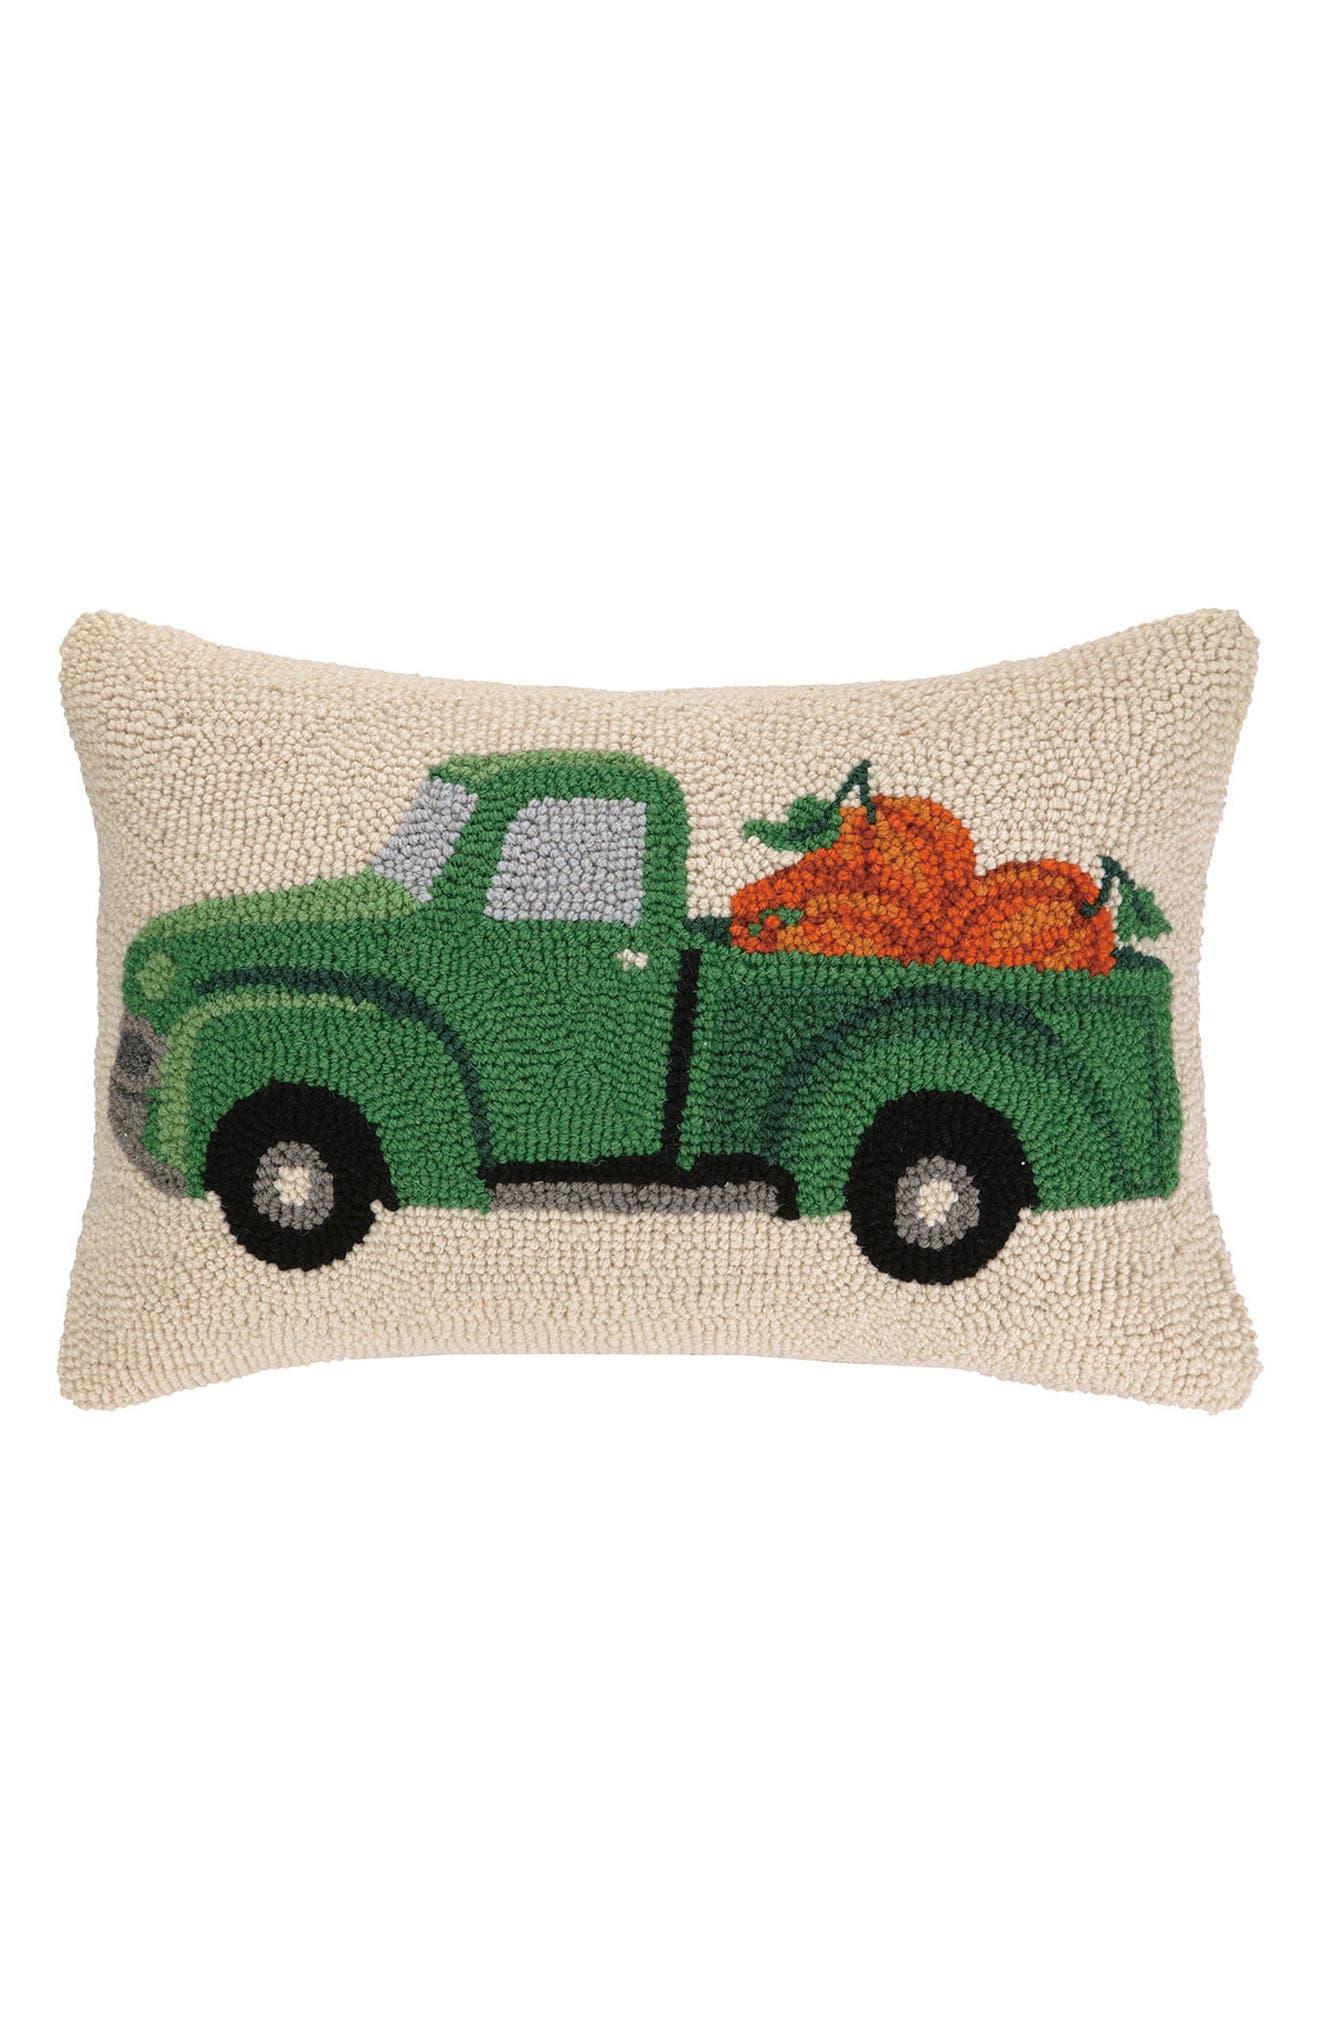 Main Image - Peking Handicraft Fall Truck Accent Pillow